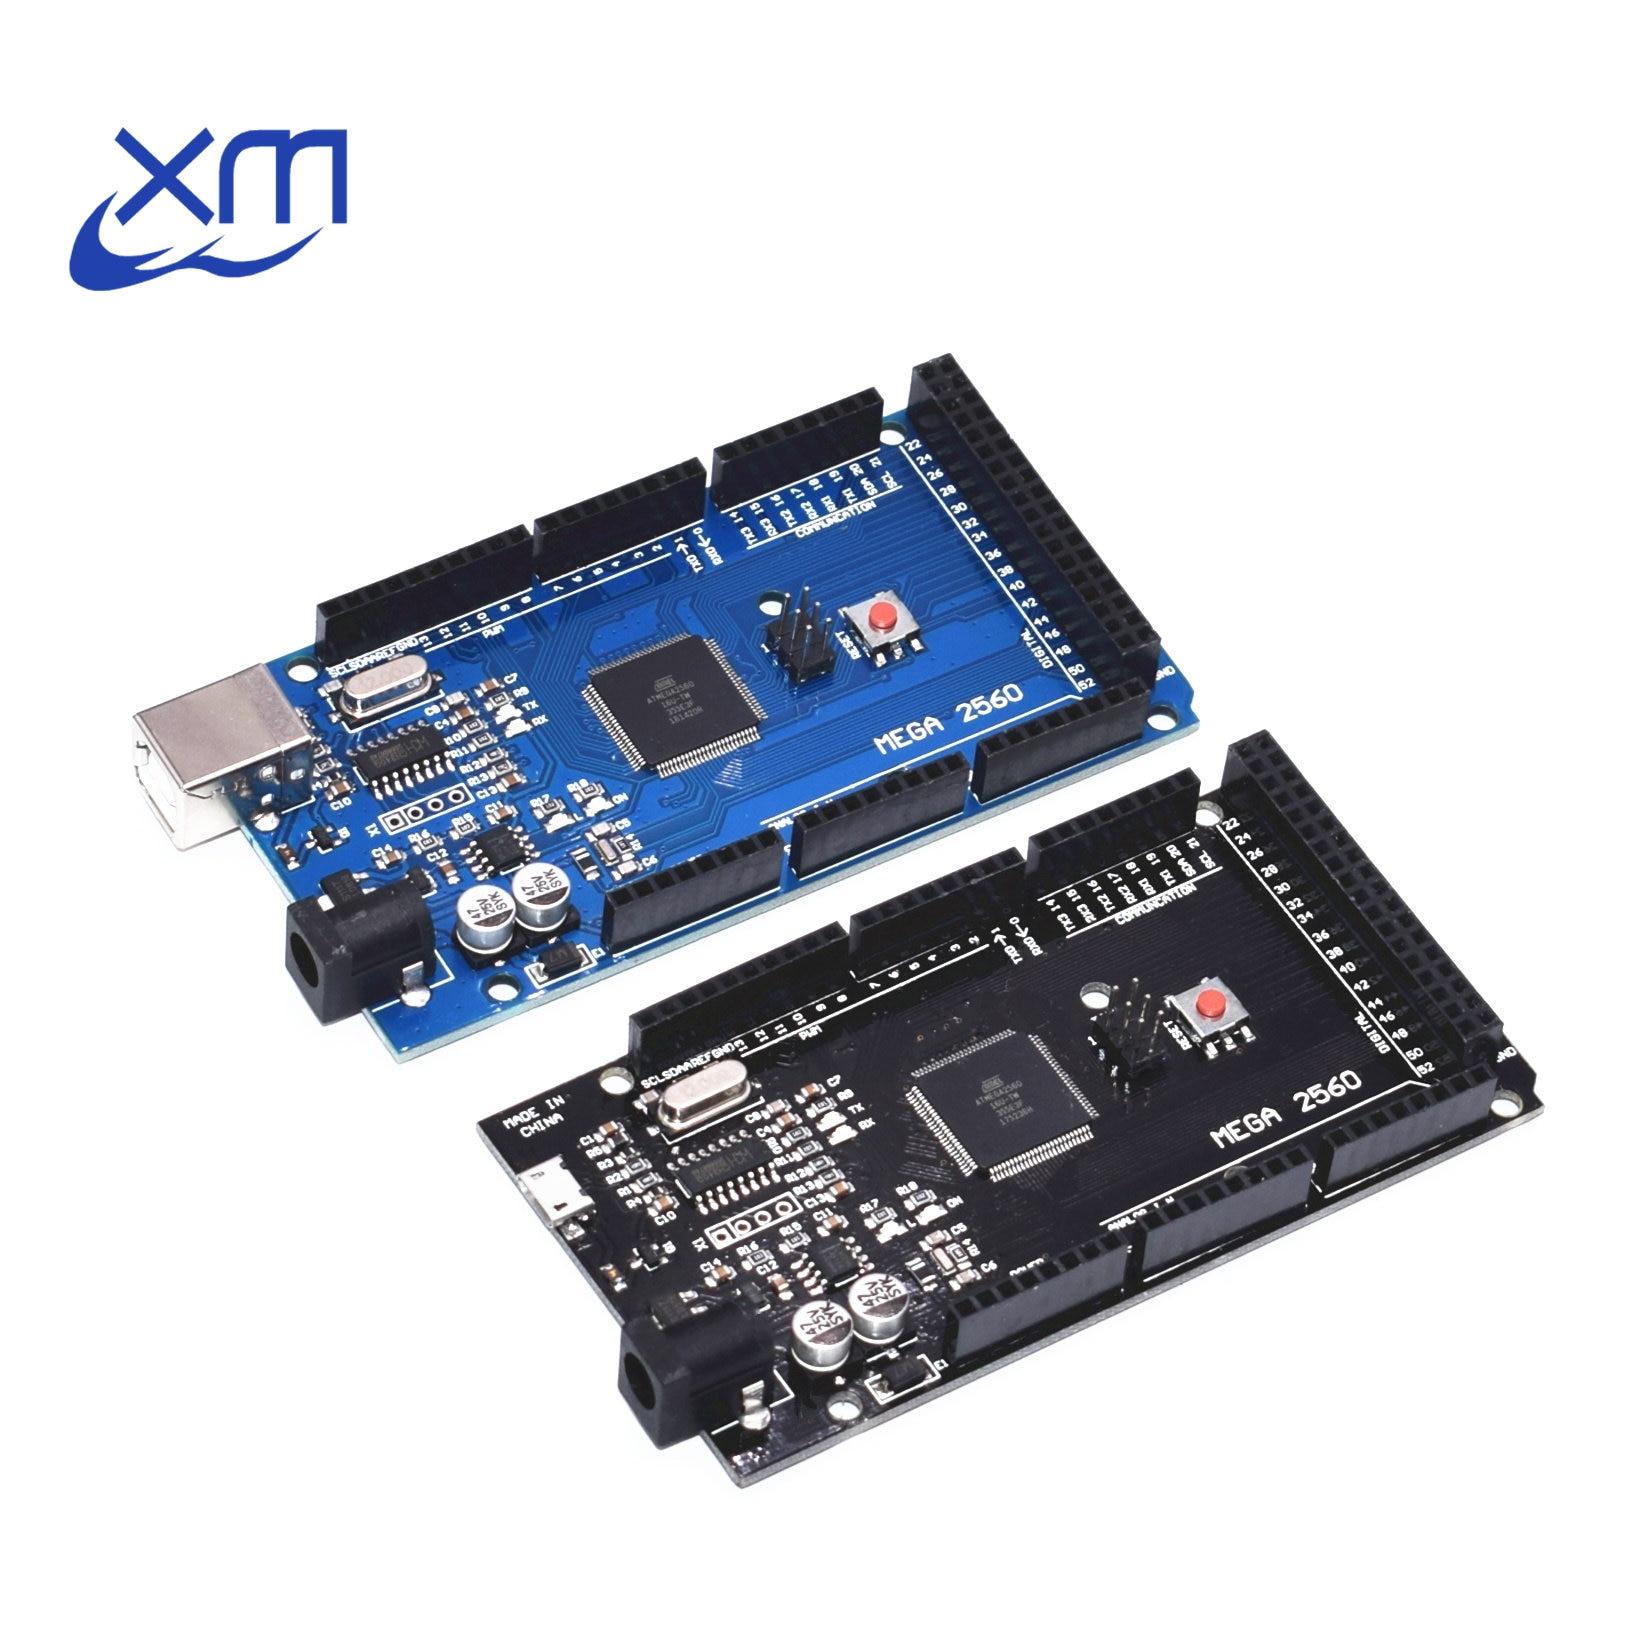 ¡1 unids Mega 2560 R3 CH340G/ATmega2560-16AU MicroUSB! Compatible para Mega 2560 con cargador de arranque (azul/negro) para Arduino